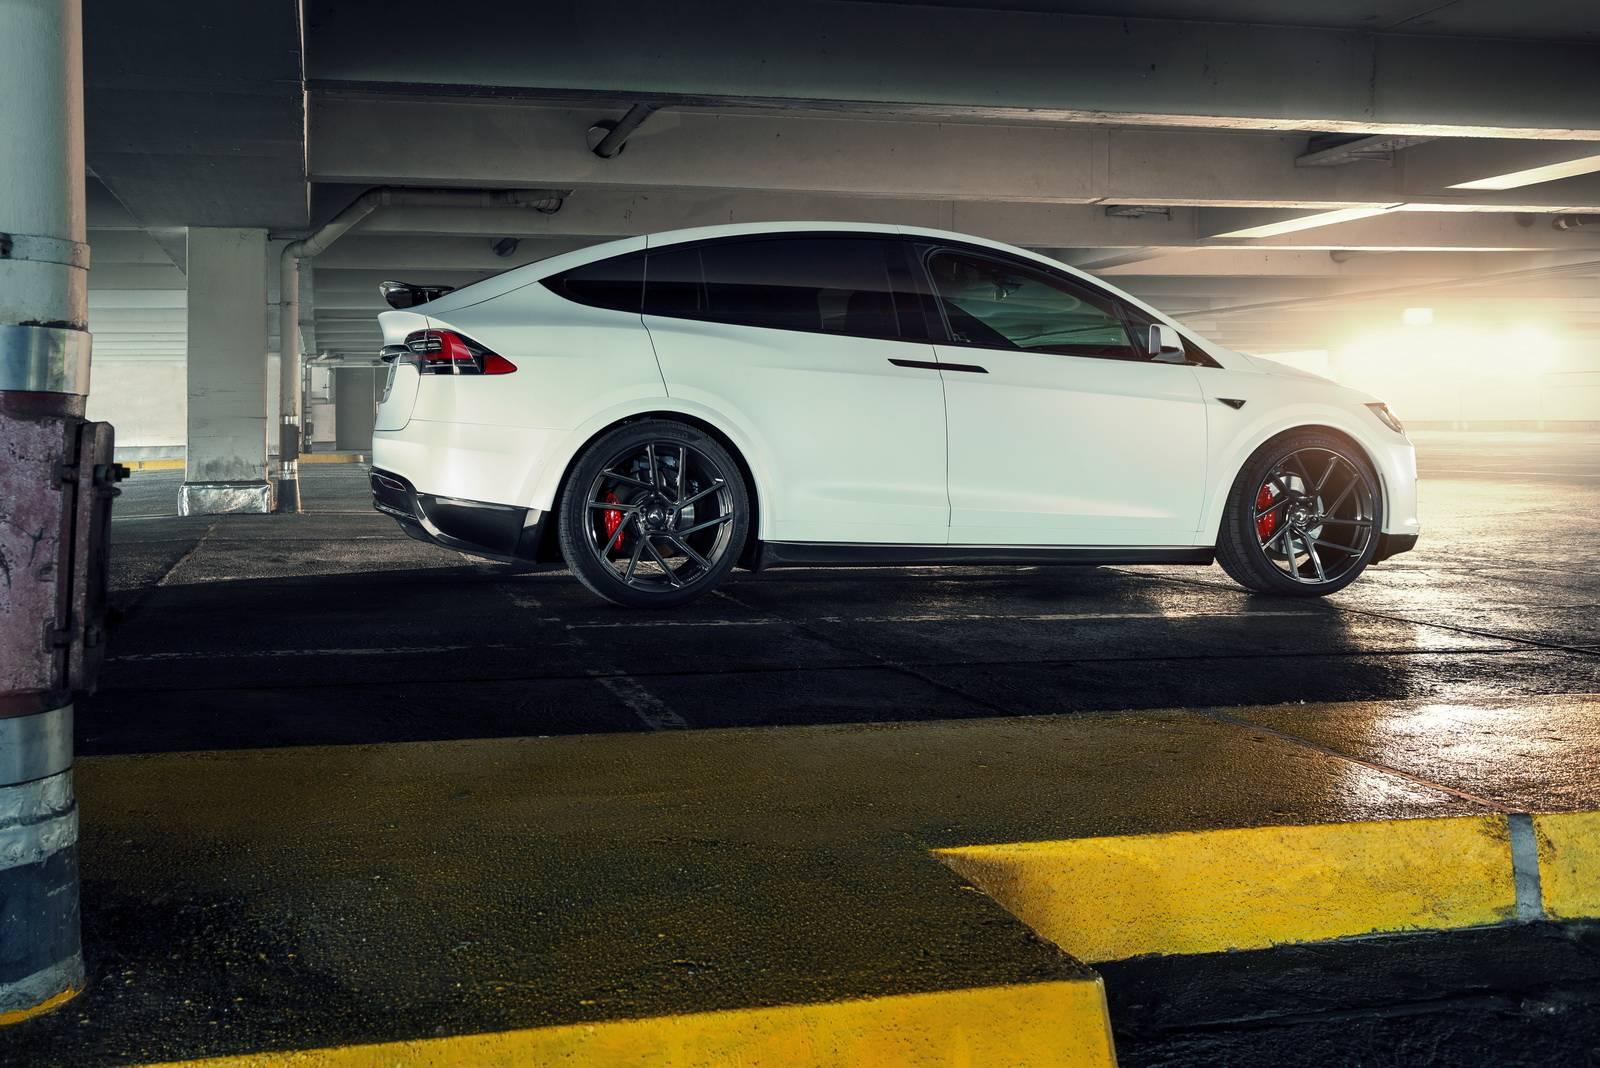 По бокам Model X были установлены так называемые «rocker panels'», которые «успокаивают» воздушный поток по бокам и визуально опускают внедорожник ближе к земле. Наконец, новый задний спойлер завершает стилистические модернизации.